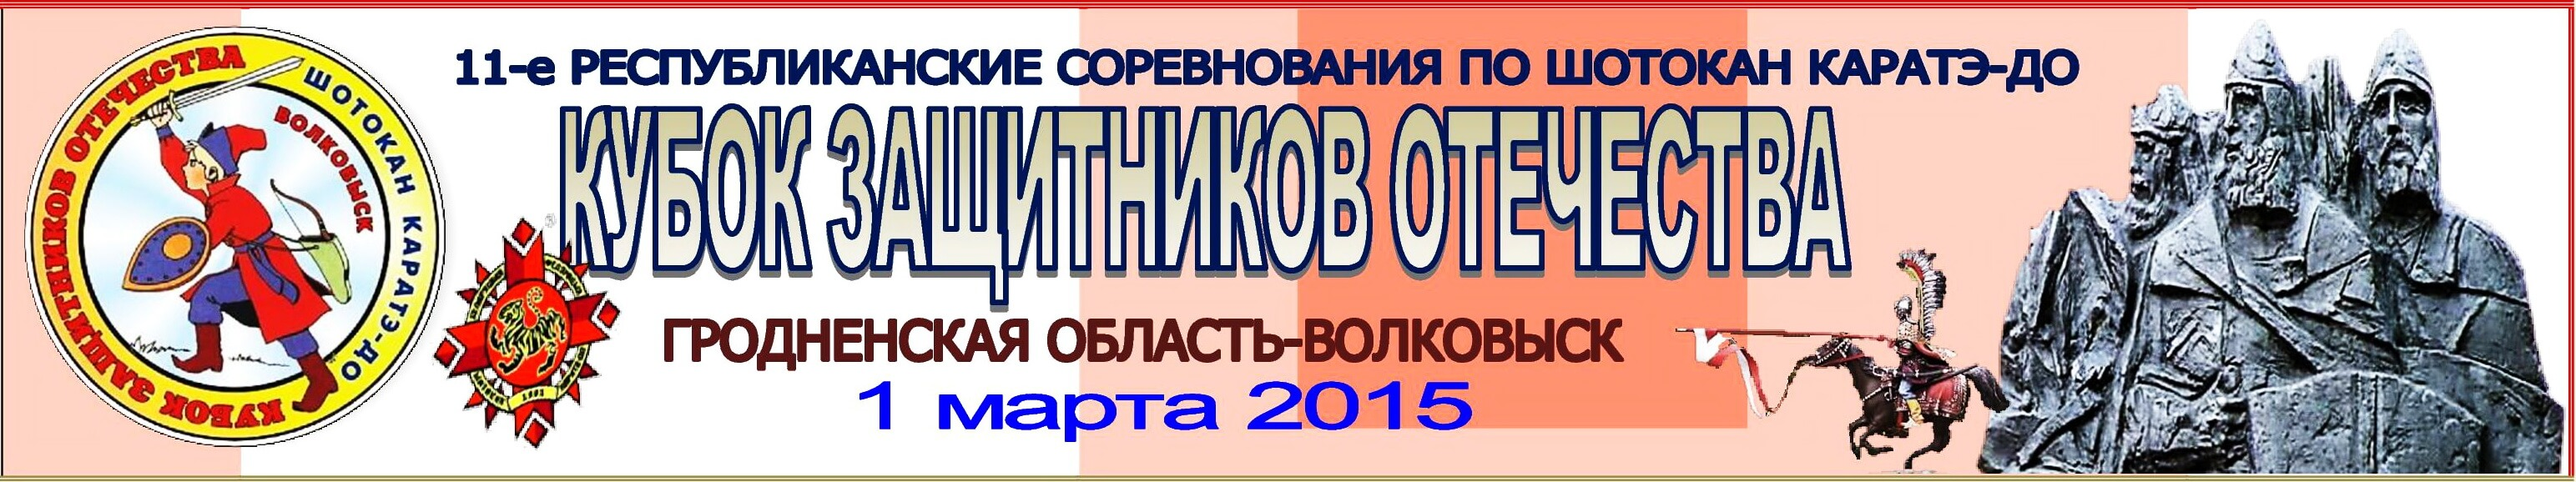 Волковыск-2015 Баннер''